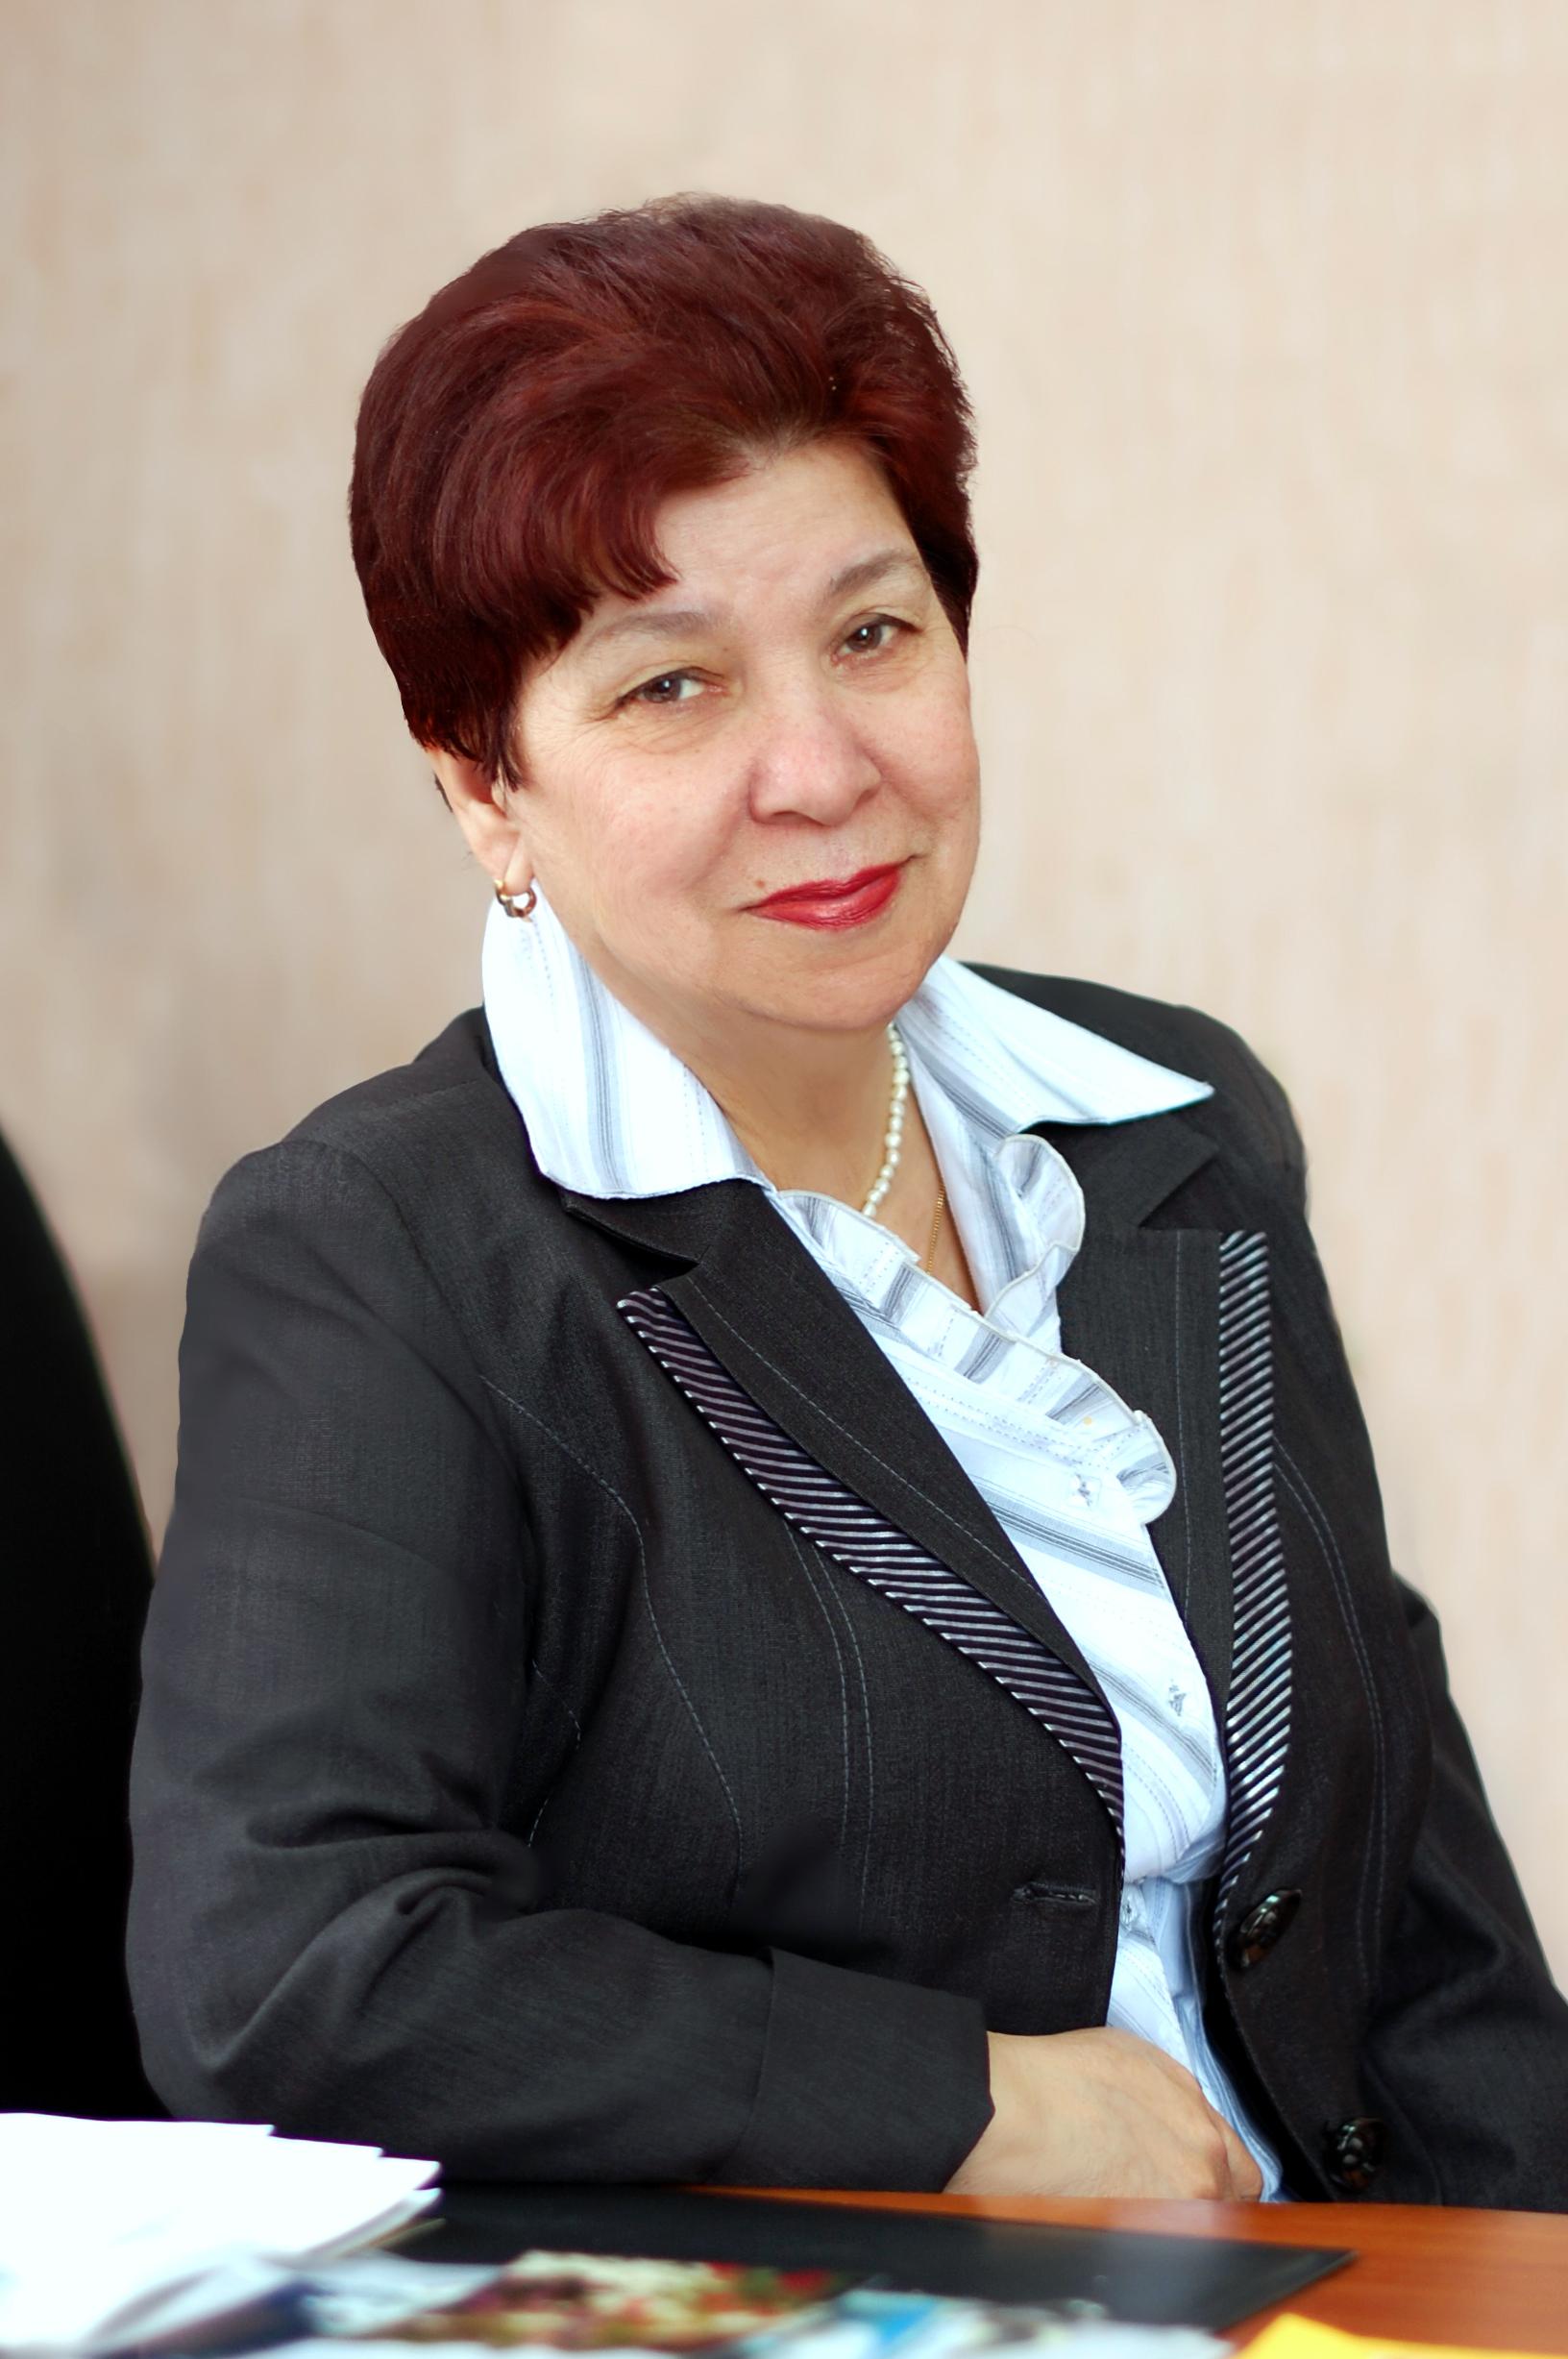 Bukanova